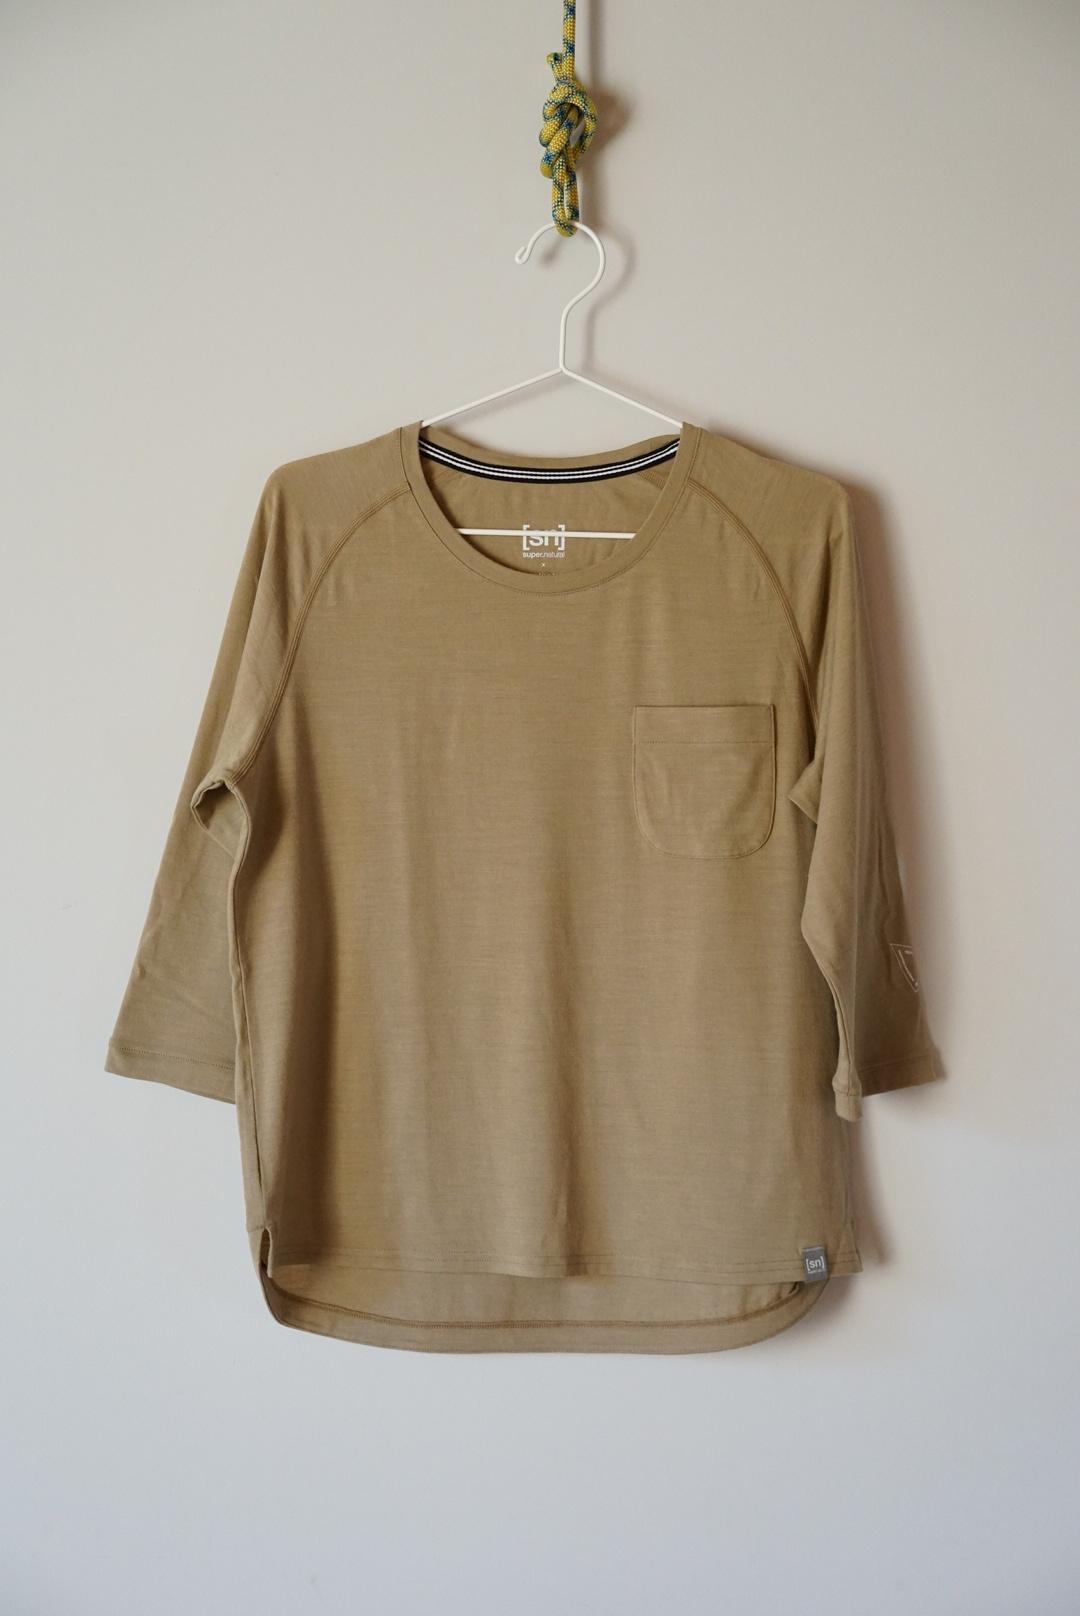 Hiker\'s T-shirt8sleeve_f0251840_19512129.jpg